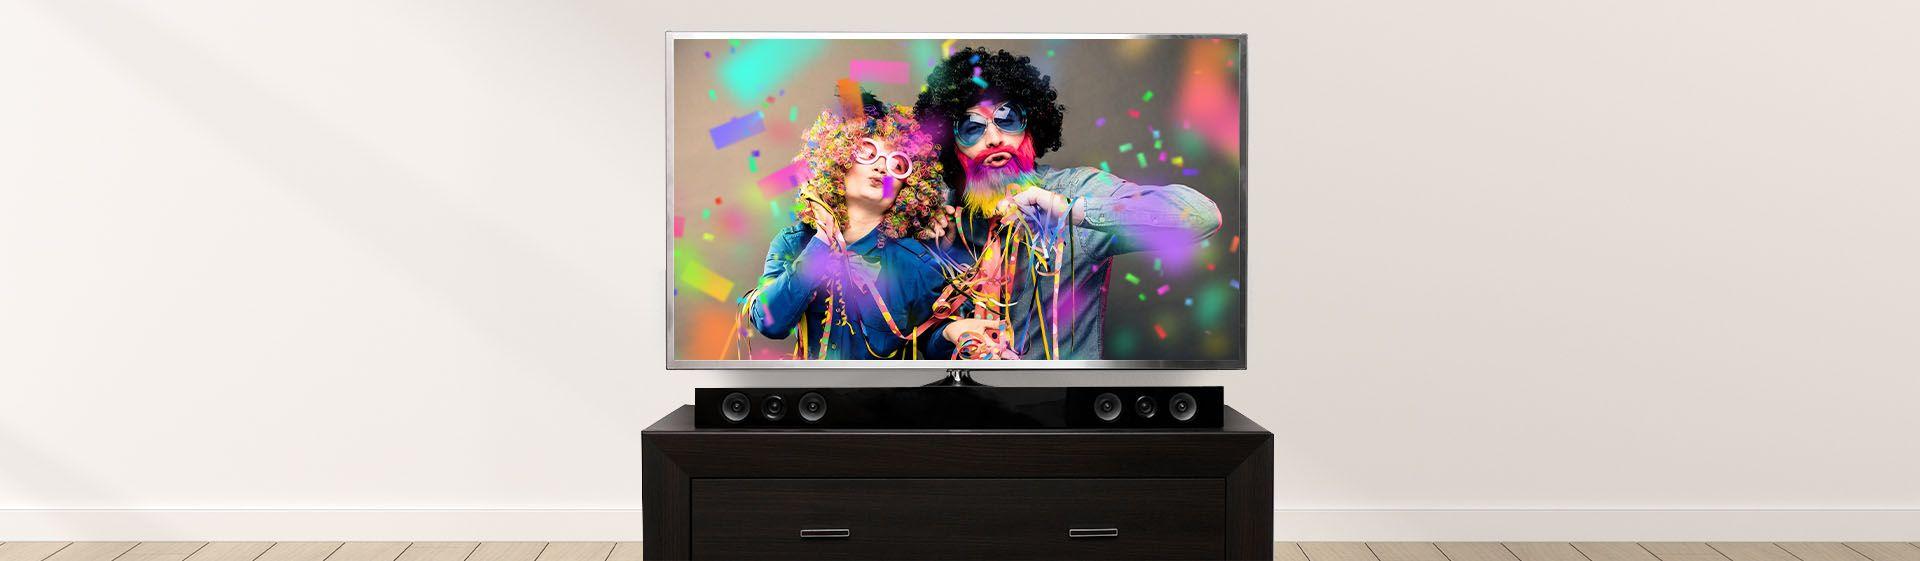 Carnaval em casa: caixas de som, soundbars, TVs e outros para curtir a folia